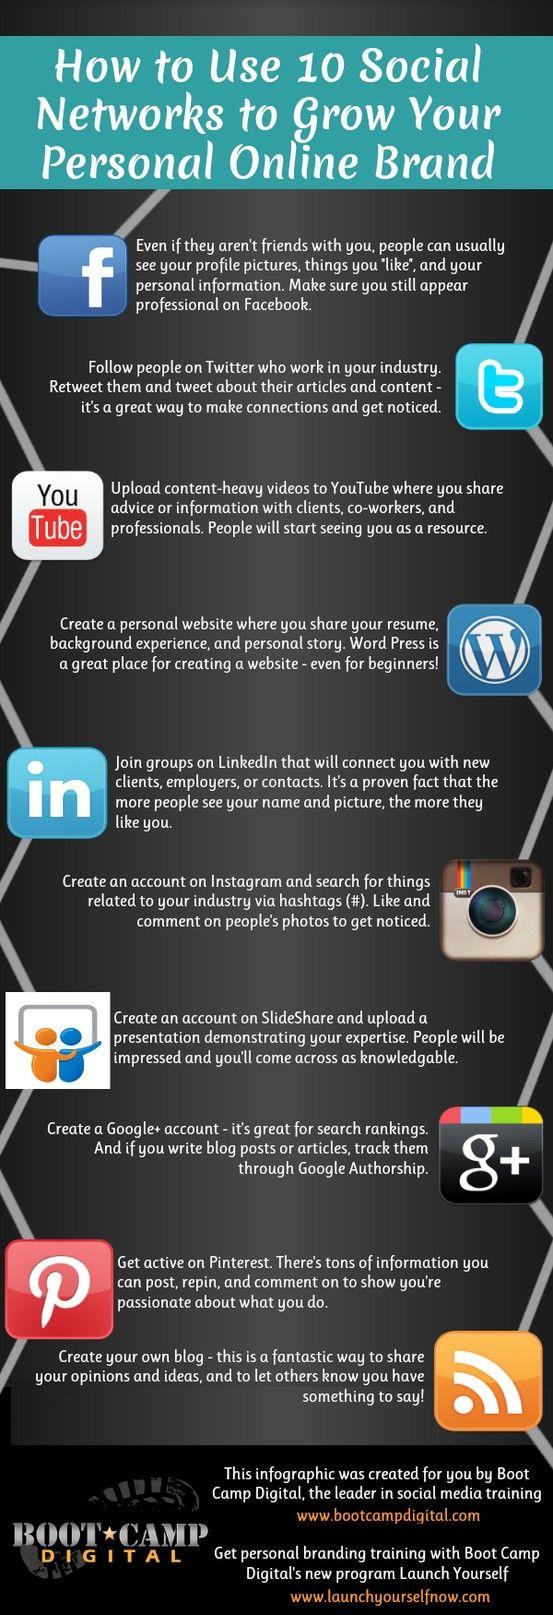 ¿Cómo debo usar las redes sociales para mi branding personal?